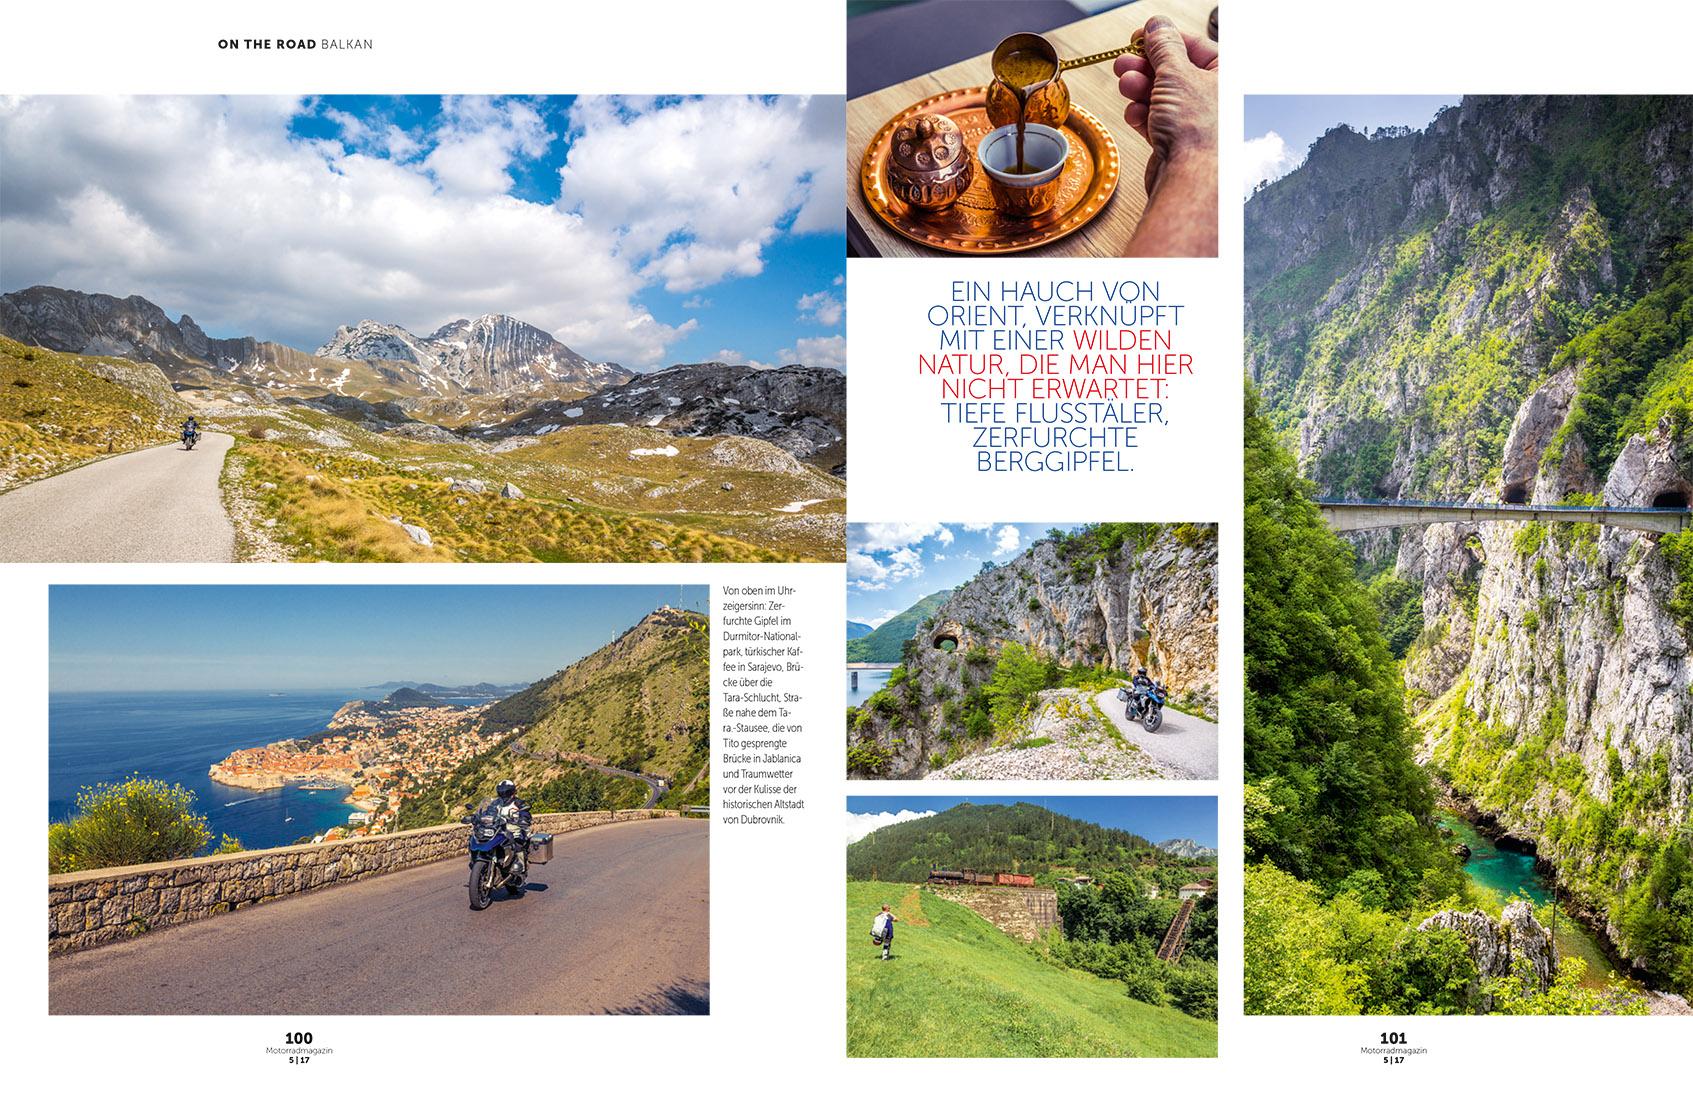 Reise Balkan-2.jpg